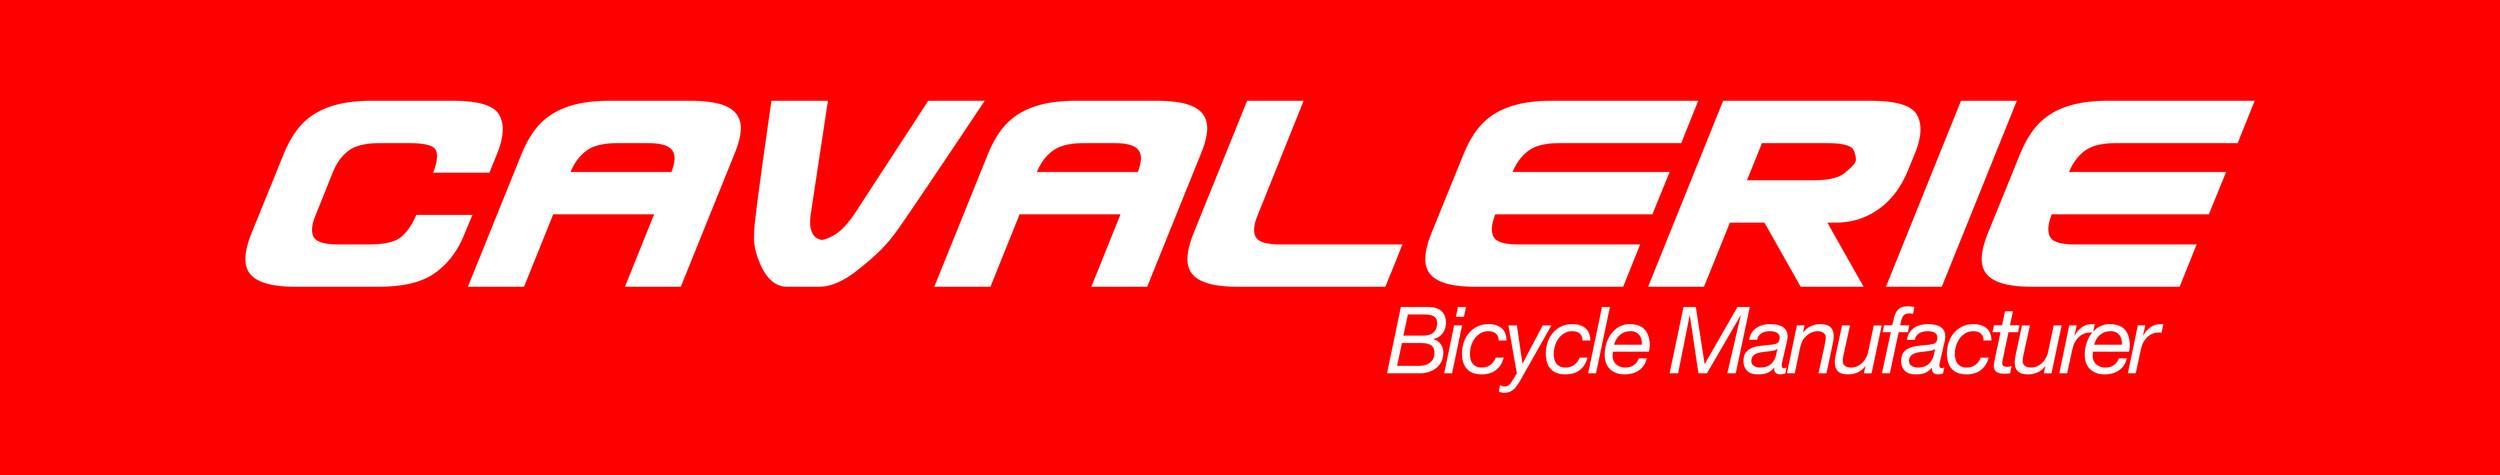 www.cavalerie-bikes.com